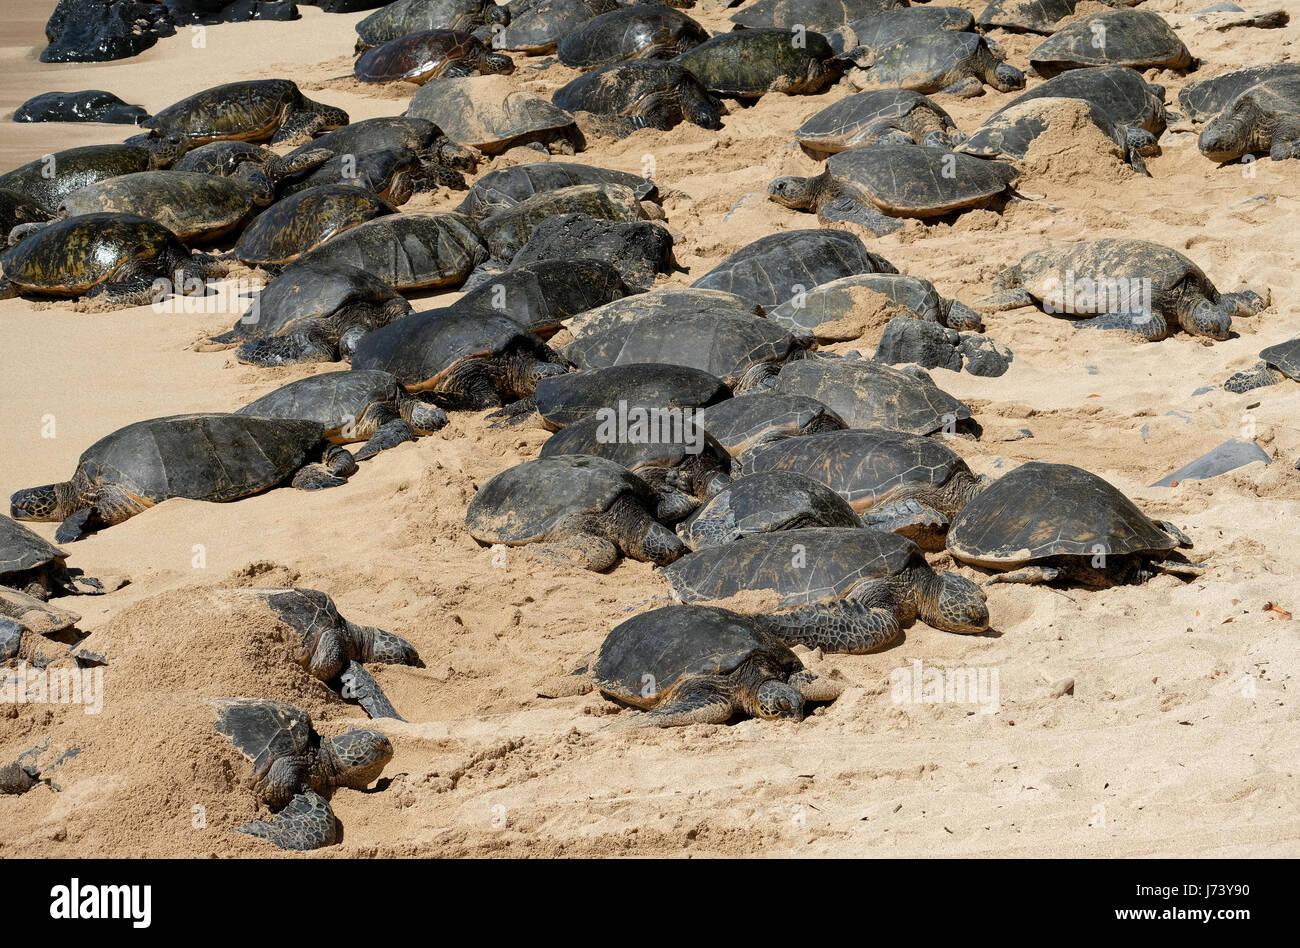 Les tortues vertes (Chelonia mydas) reposant sur la plage de Ho'okipa Beach Park, Paia, Maui, Hawaii. Photo Stock